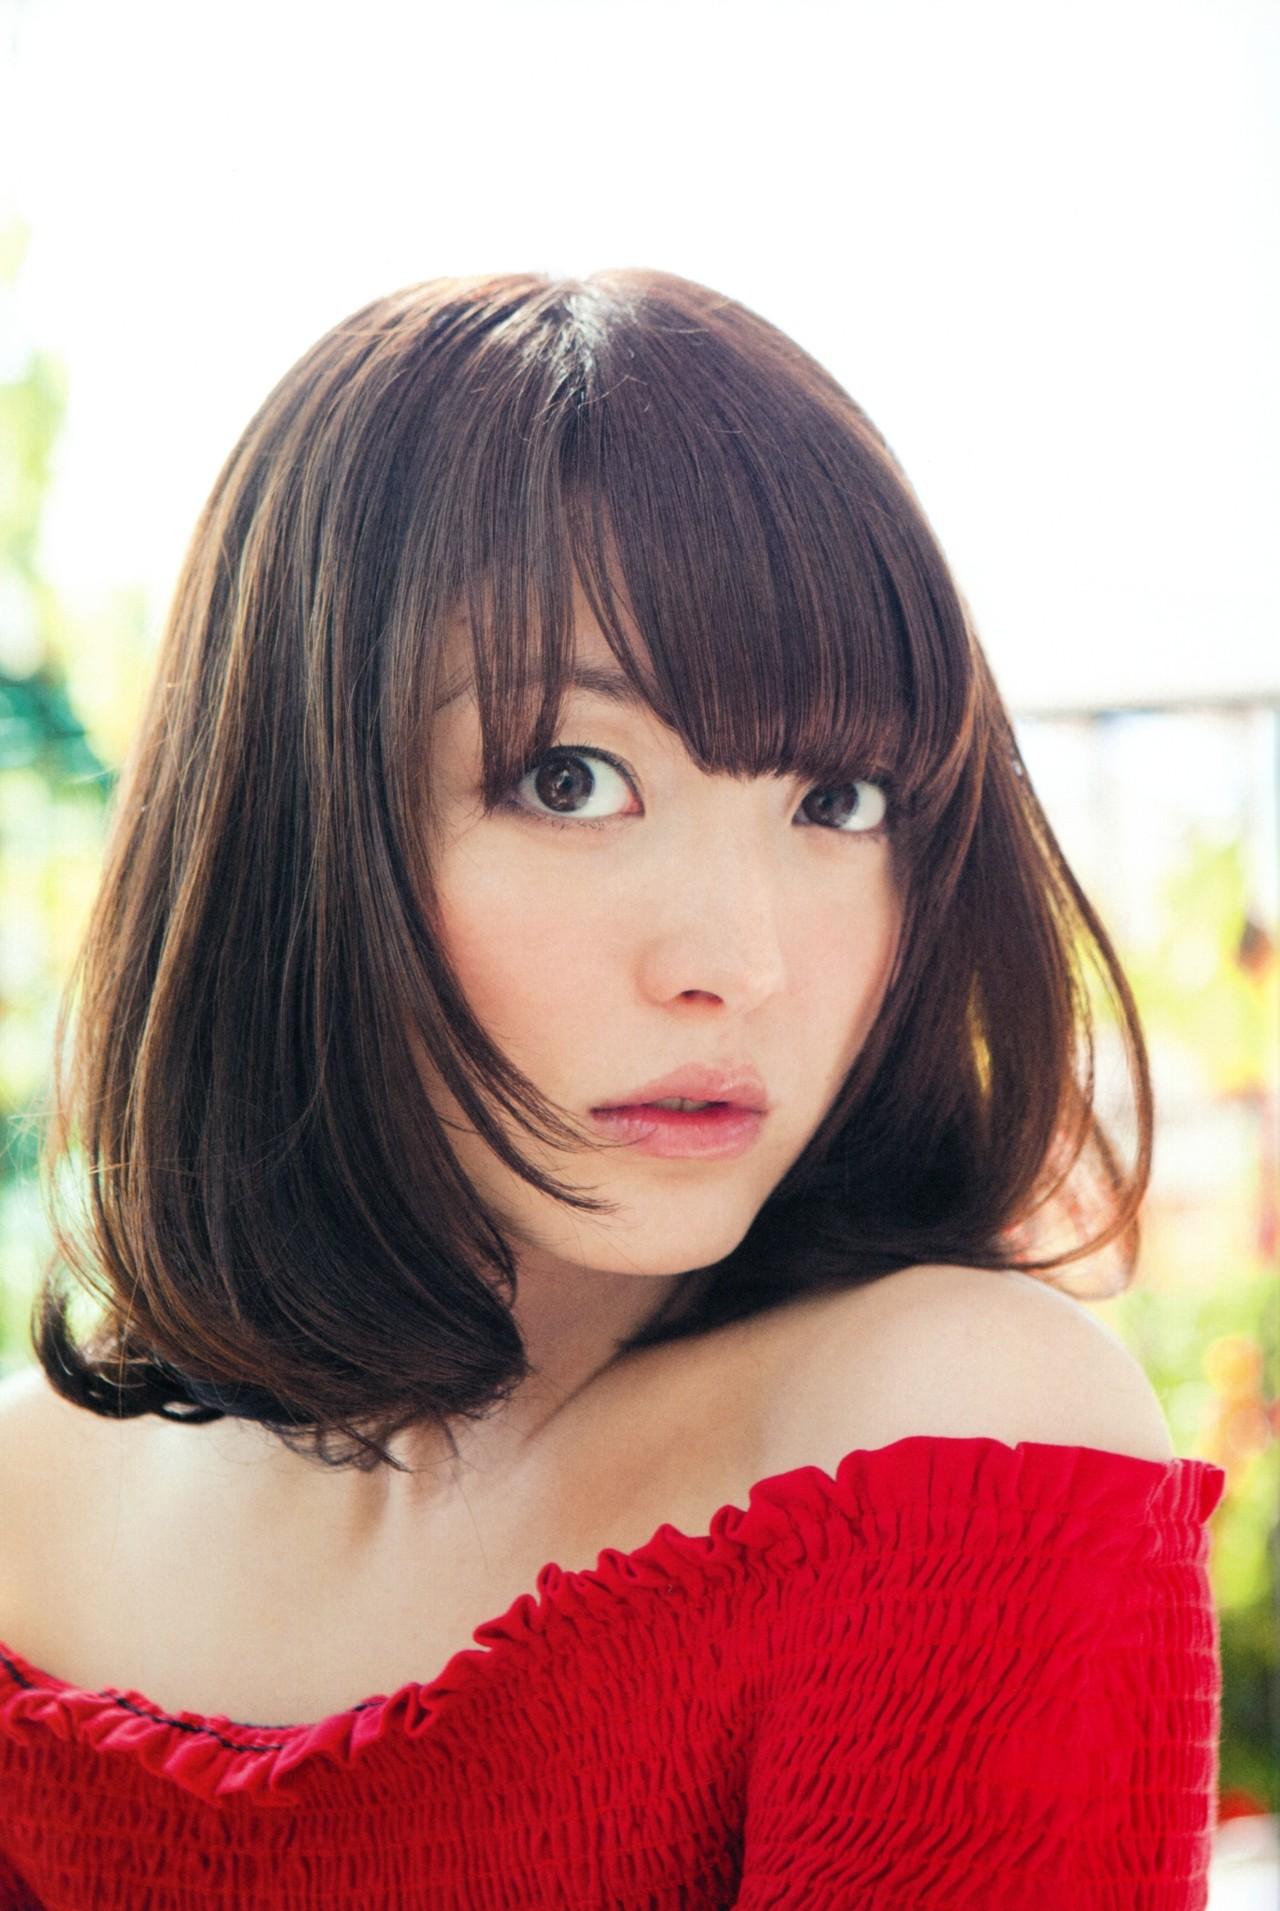 超人気声優『花澤香菜』出演アニメ